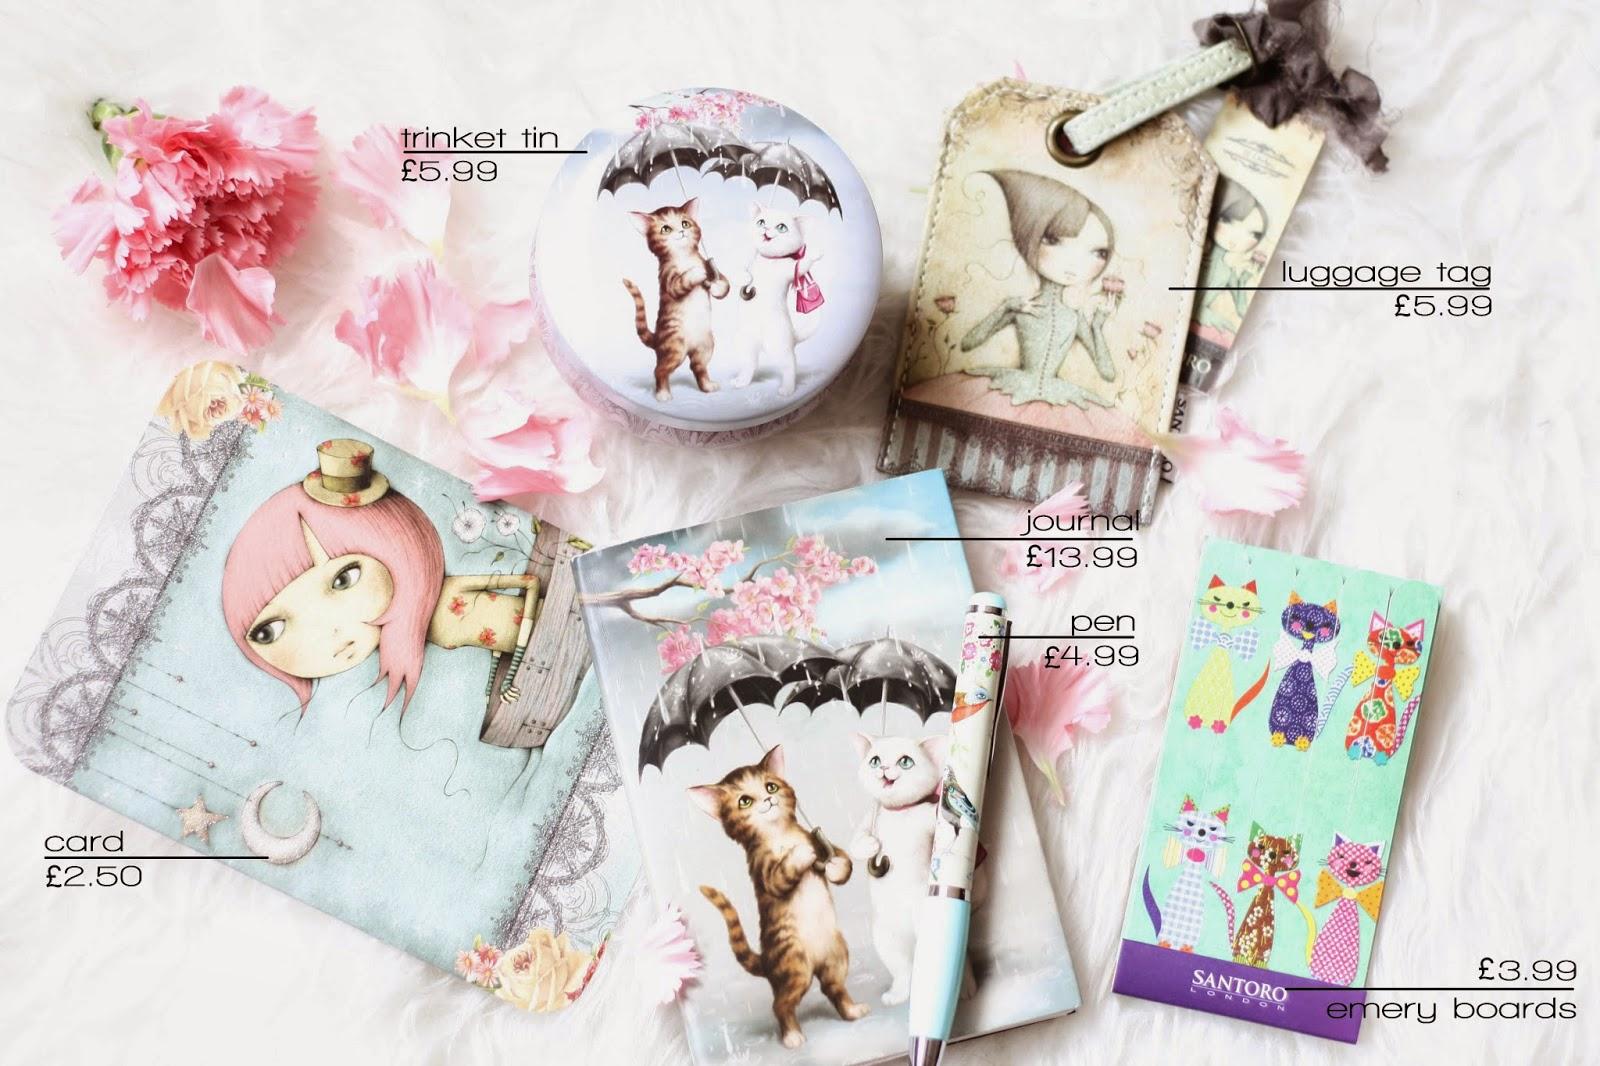 Santoro London gift ideas